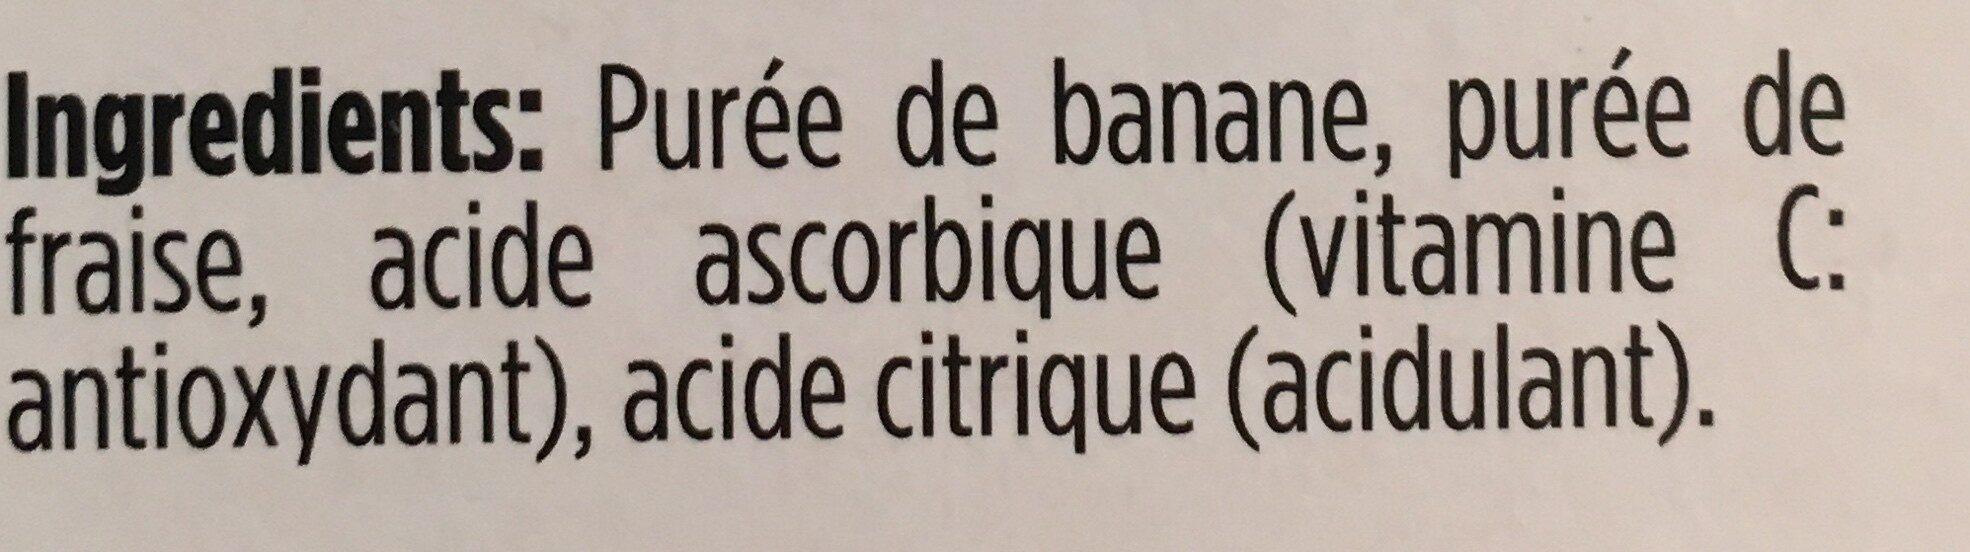 Purée de banane et fraise - Ingrédients - fr